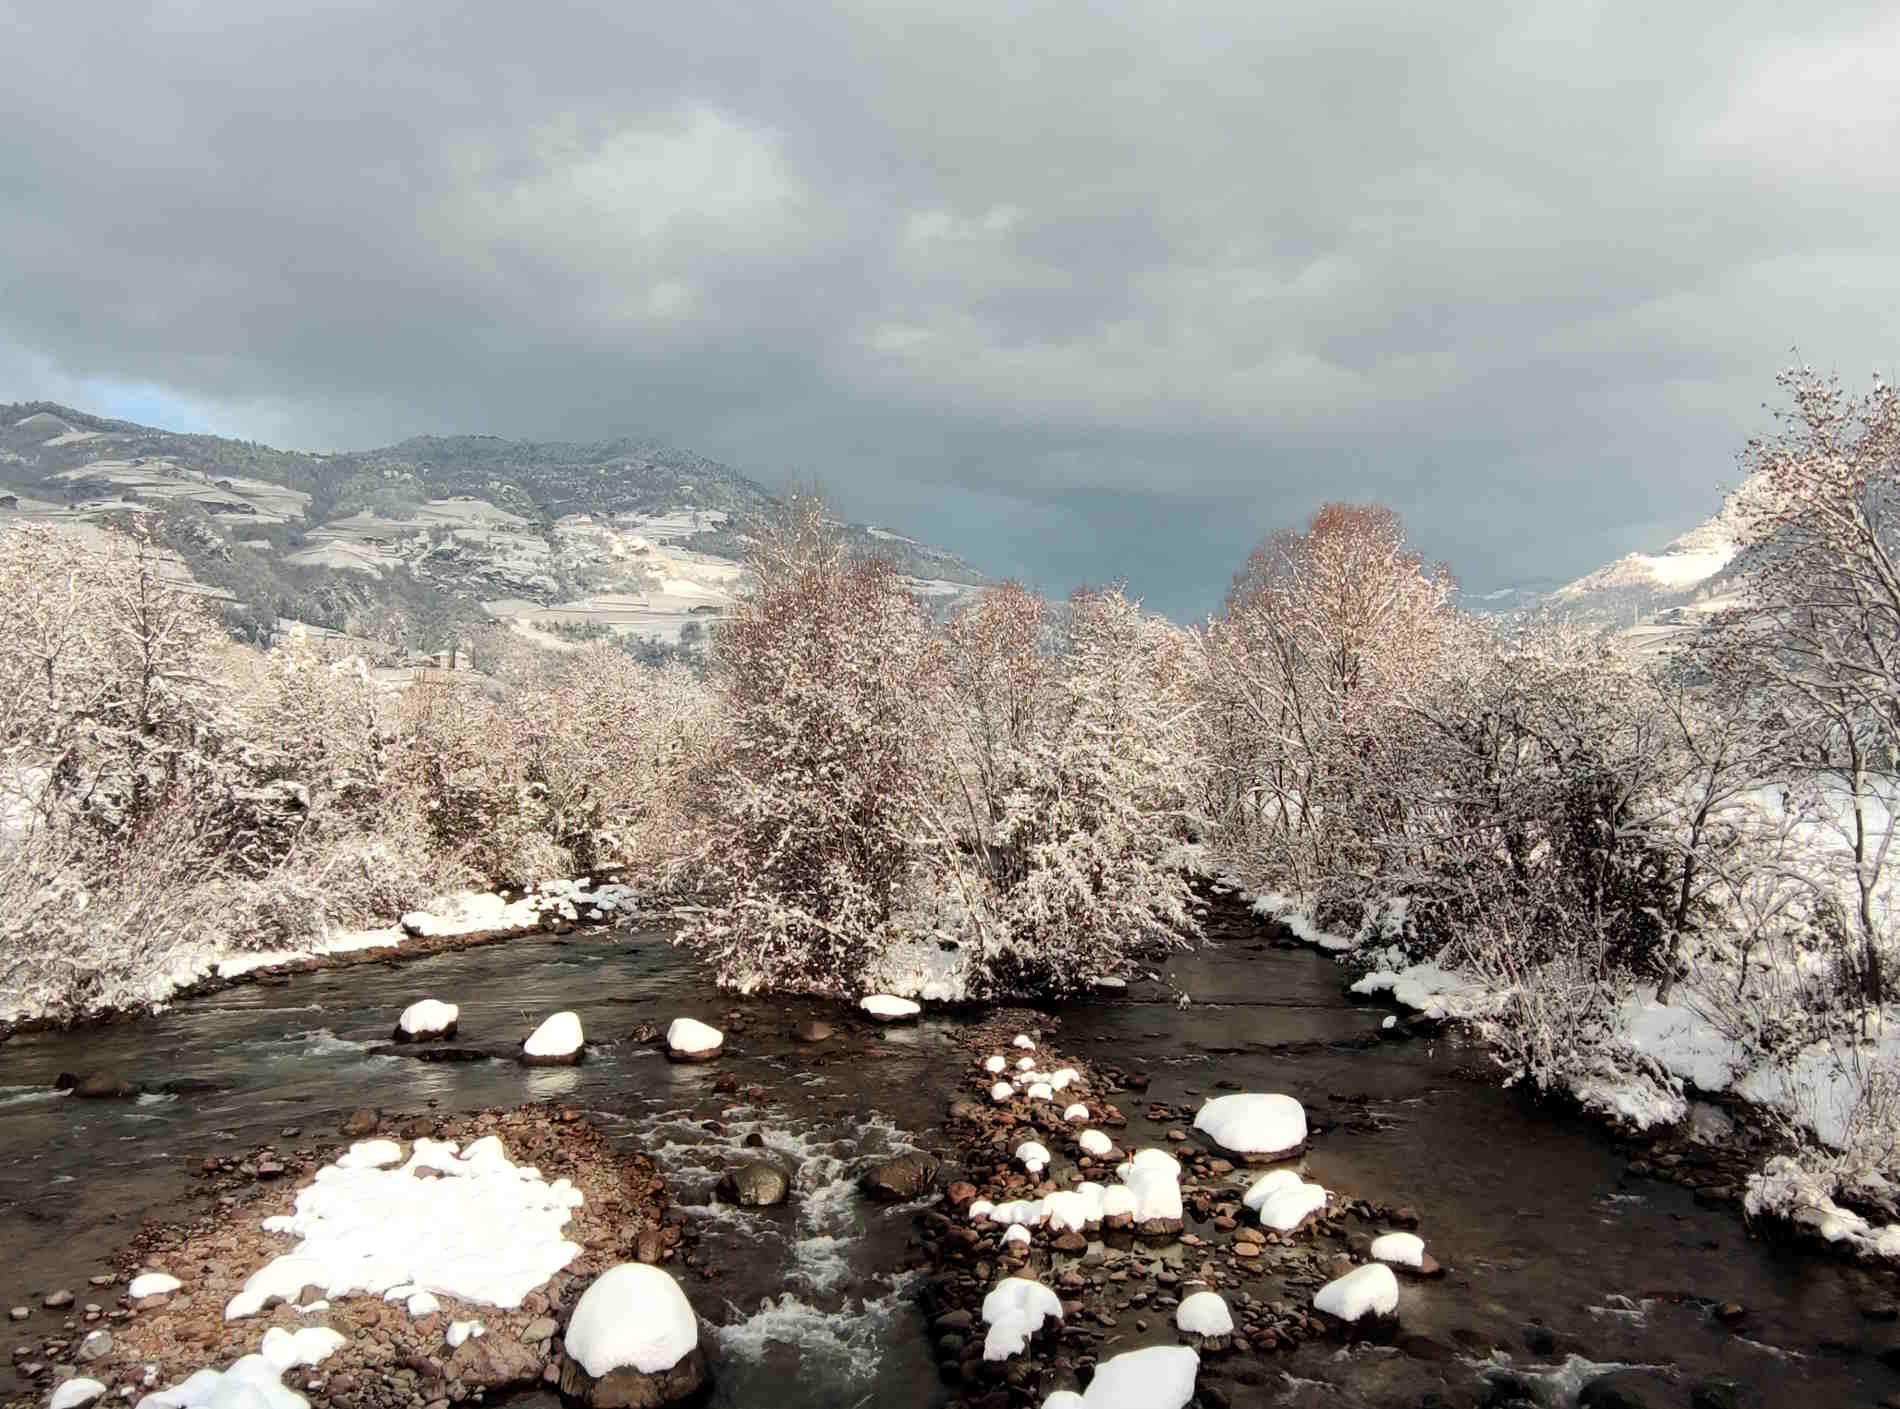 Fiume Talvera a Bolzano con la neve